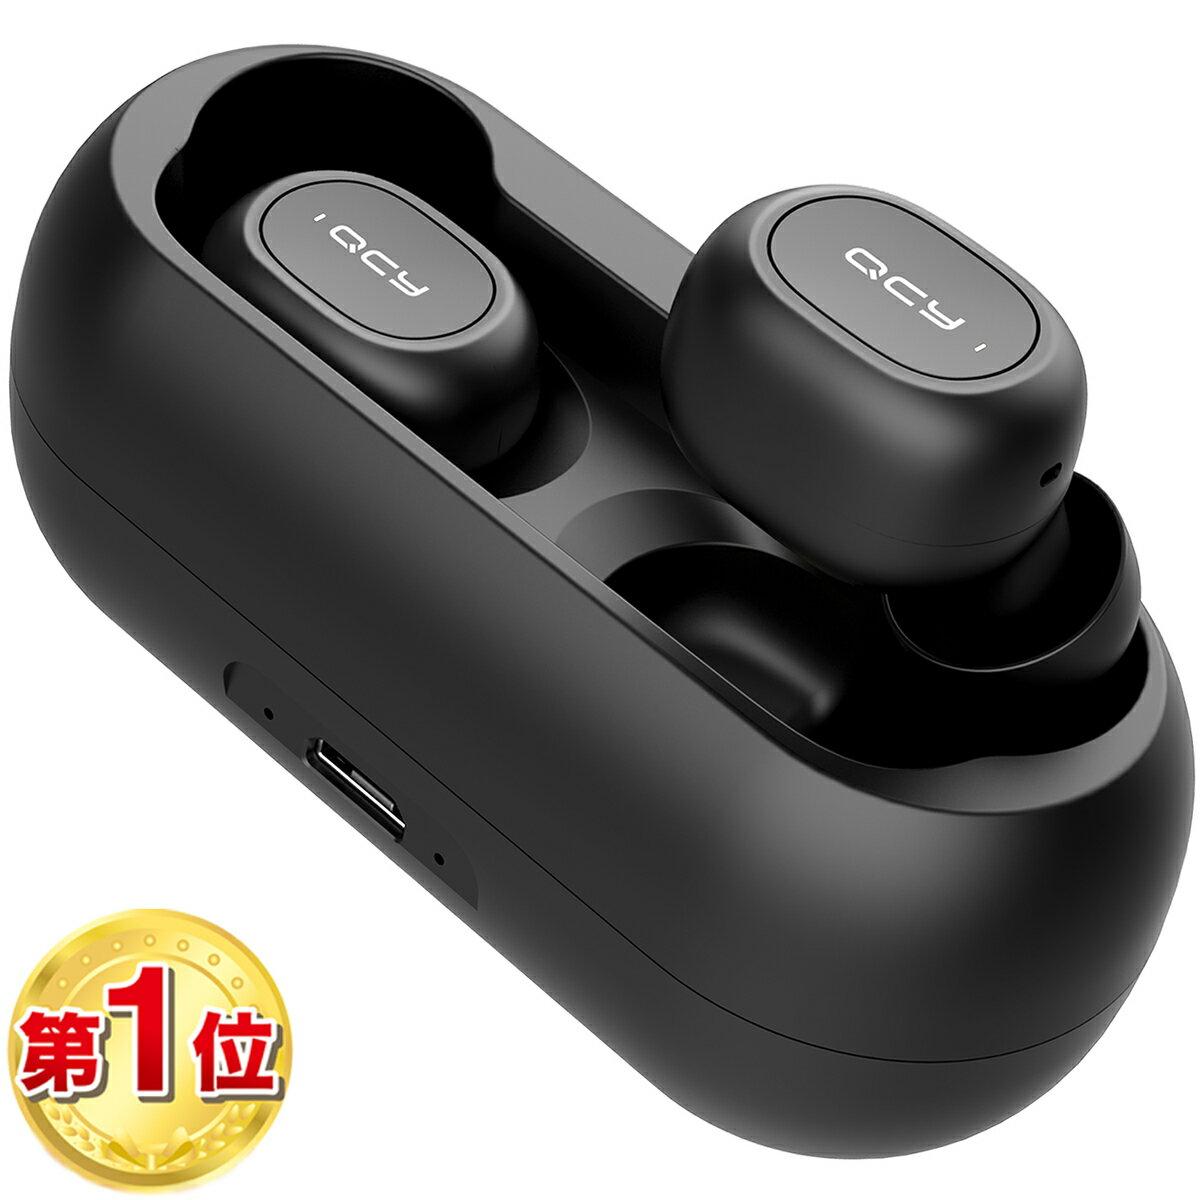 QCY T1 ワイヤレスイヤホン Bluetooth 5.0 完全ワイヤレス イヤホン bluetooth 両耳 マイク付き ノイズキャンセリング 防水 左右独立型 ブルートゥース イヤホン ワイヤレス iPhone Android 左右分離型 bluetooth イヤホン ハンズフリー ブラック ホワイト QCY-T1